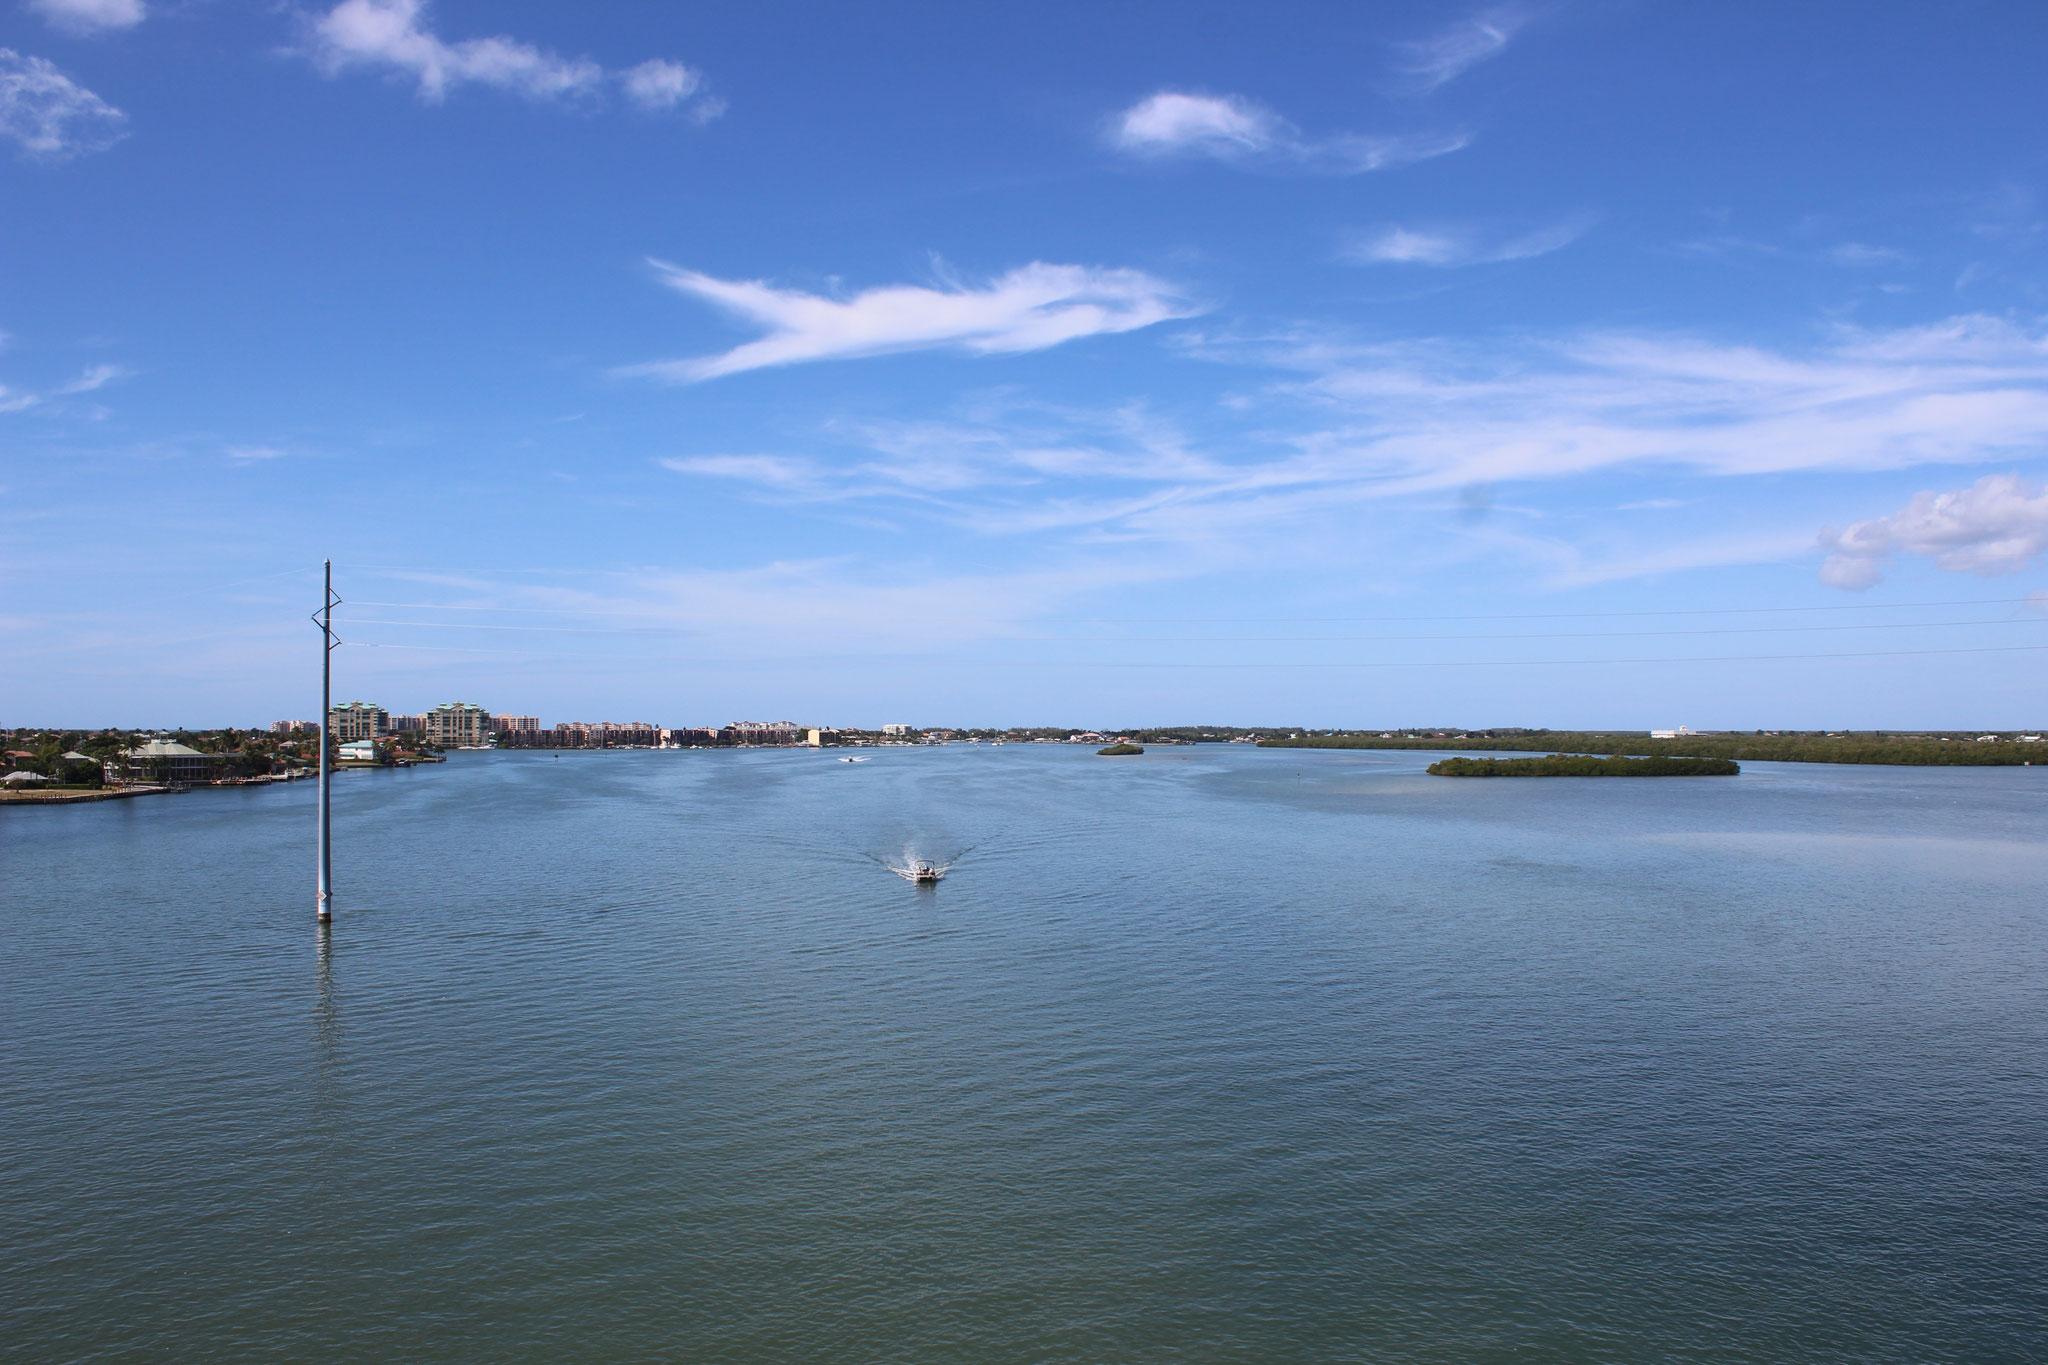 Marco Island Surrounding